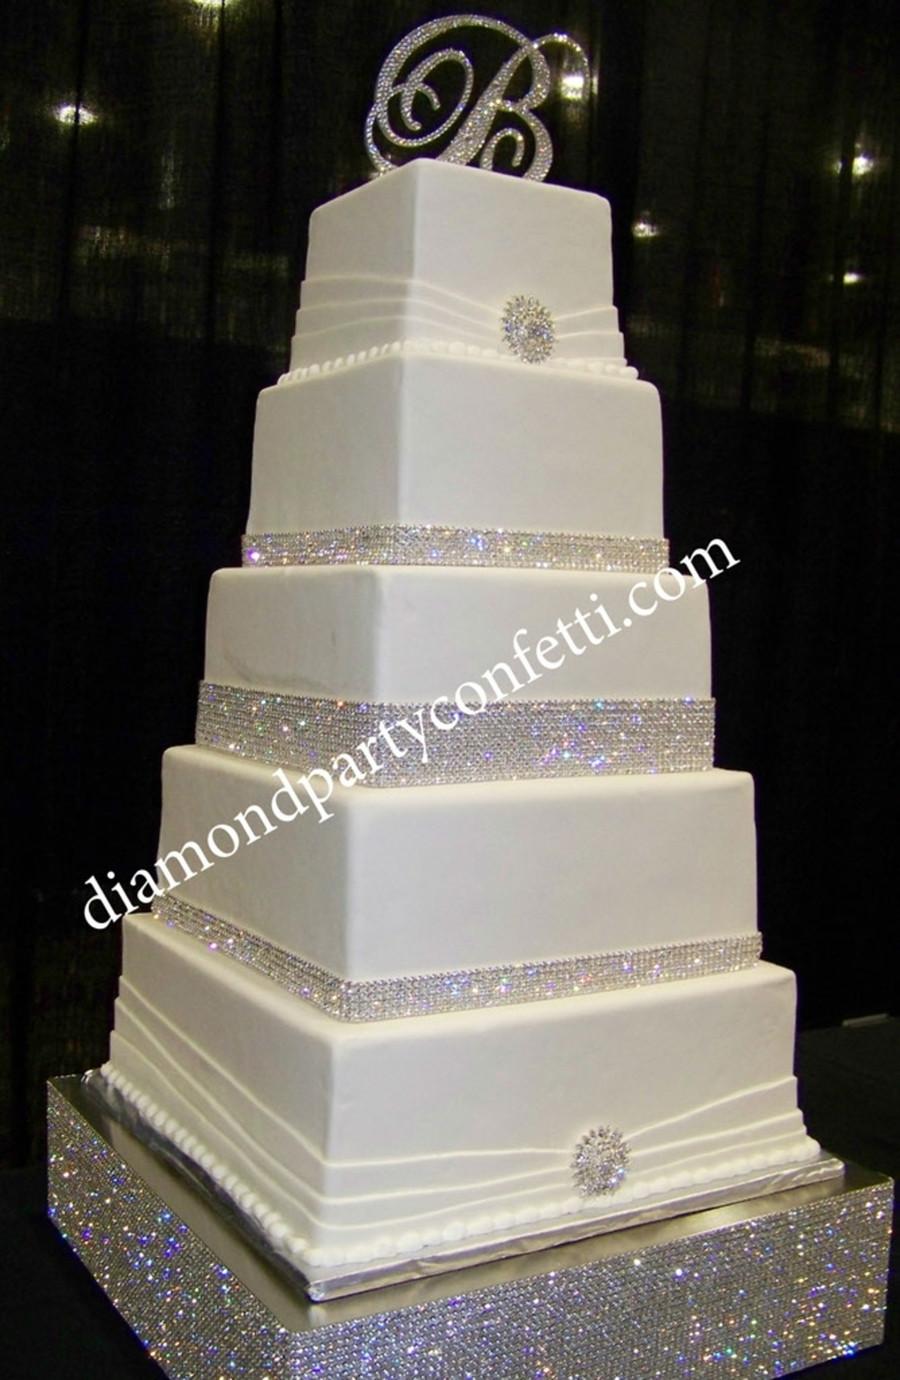 Wedding Cakes With Rhinestones  Rhinestone Bling Wedding Cake CakeCentral